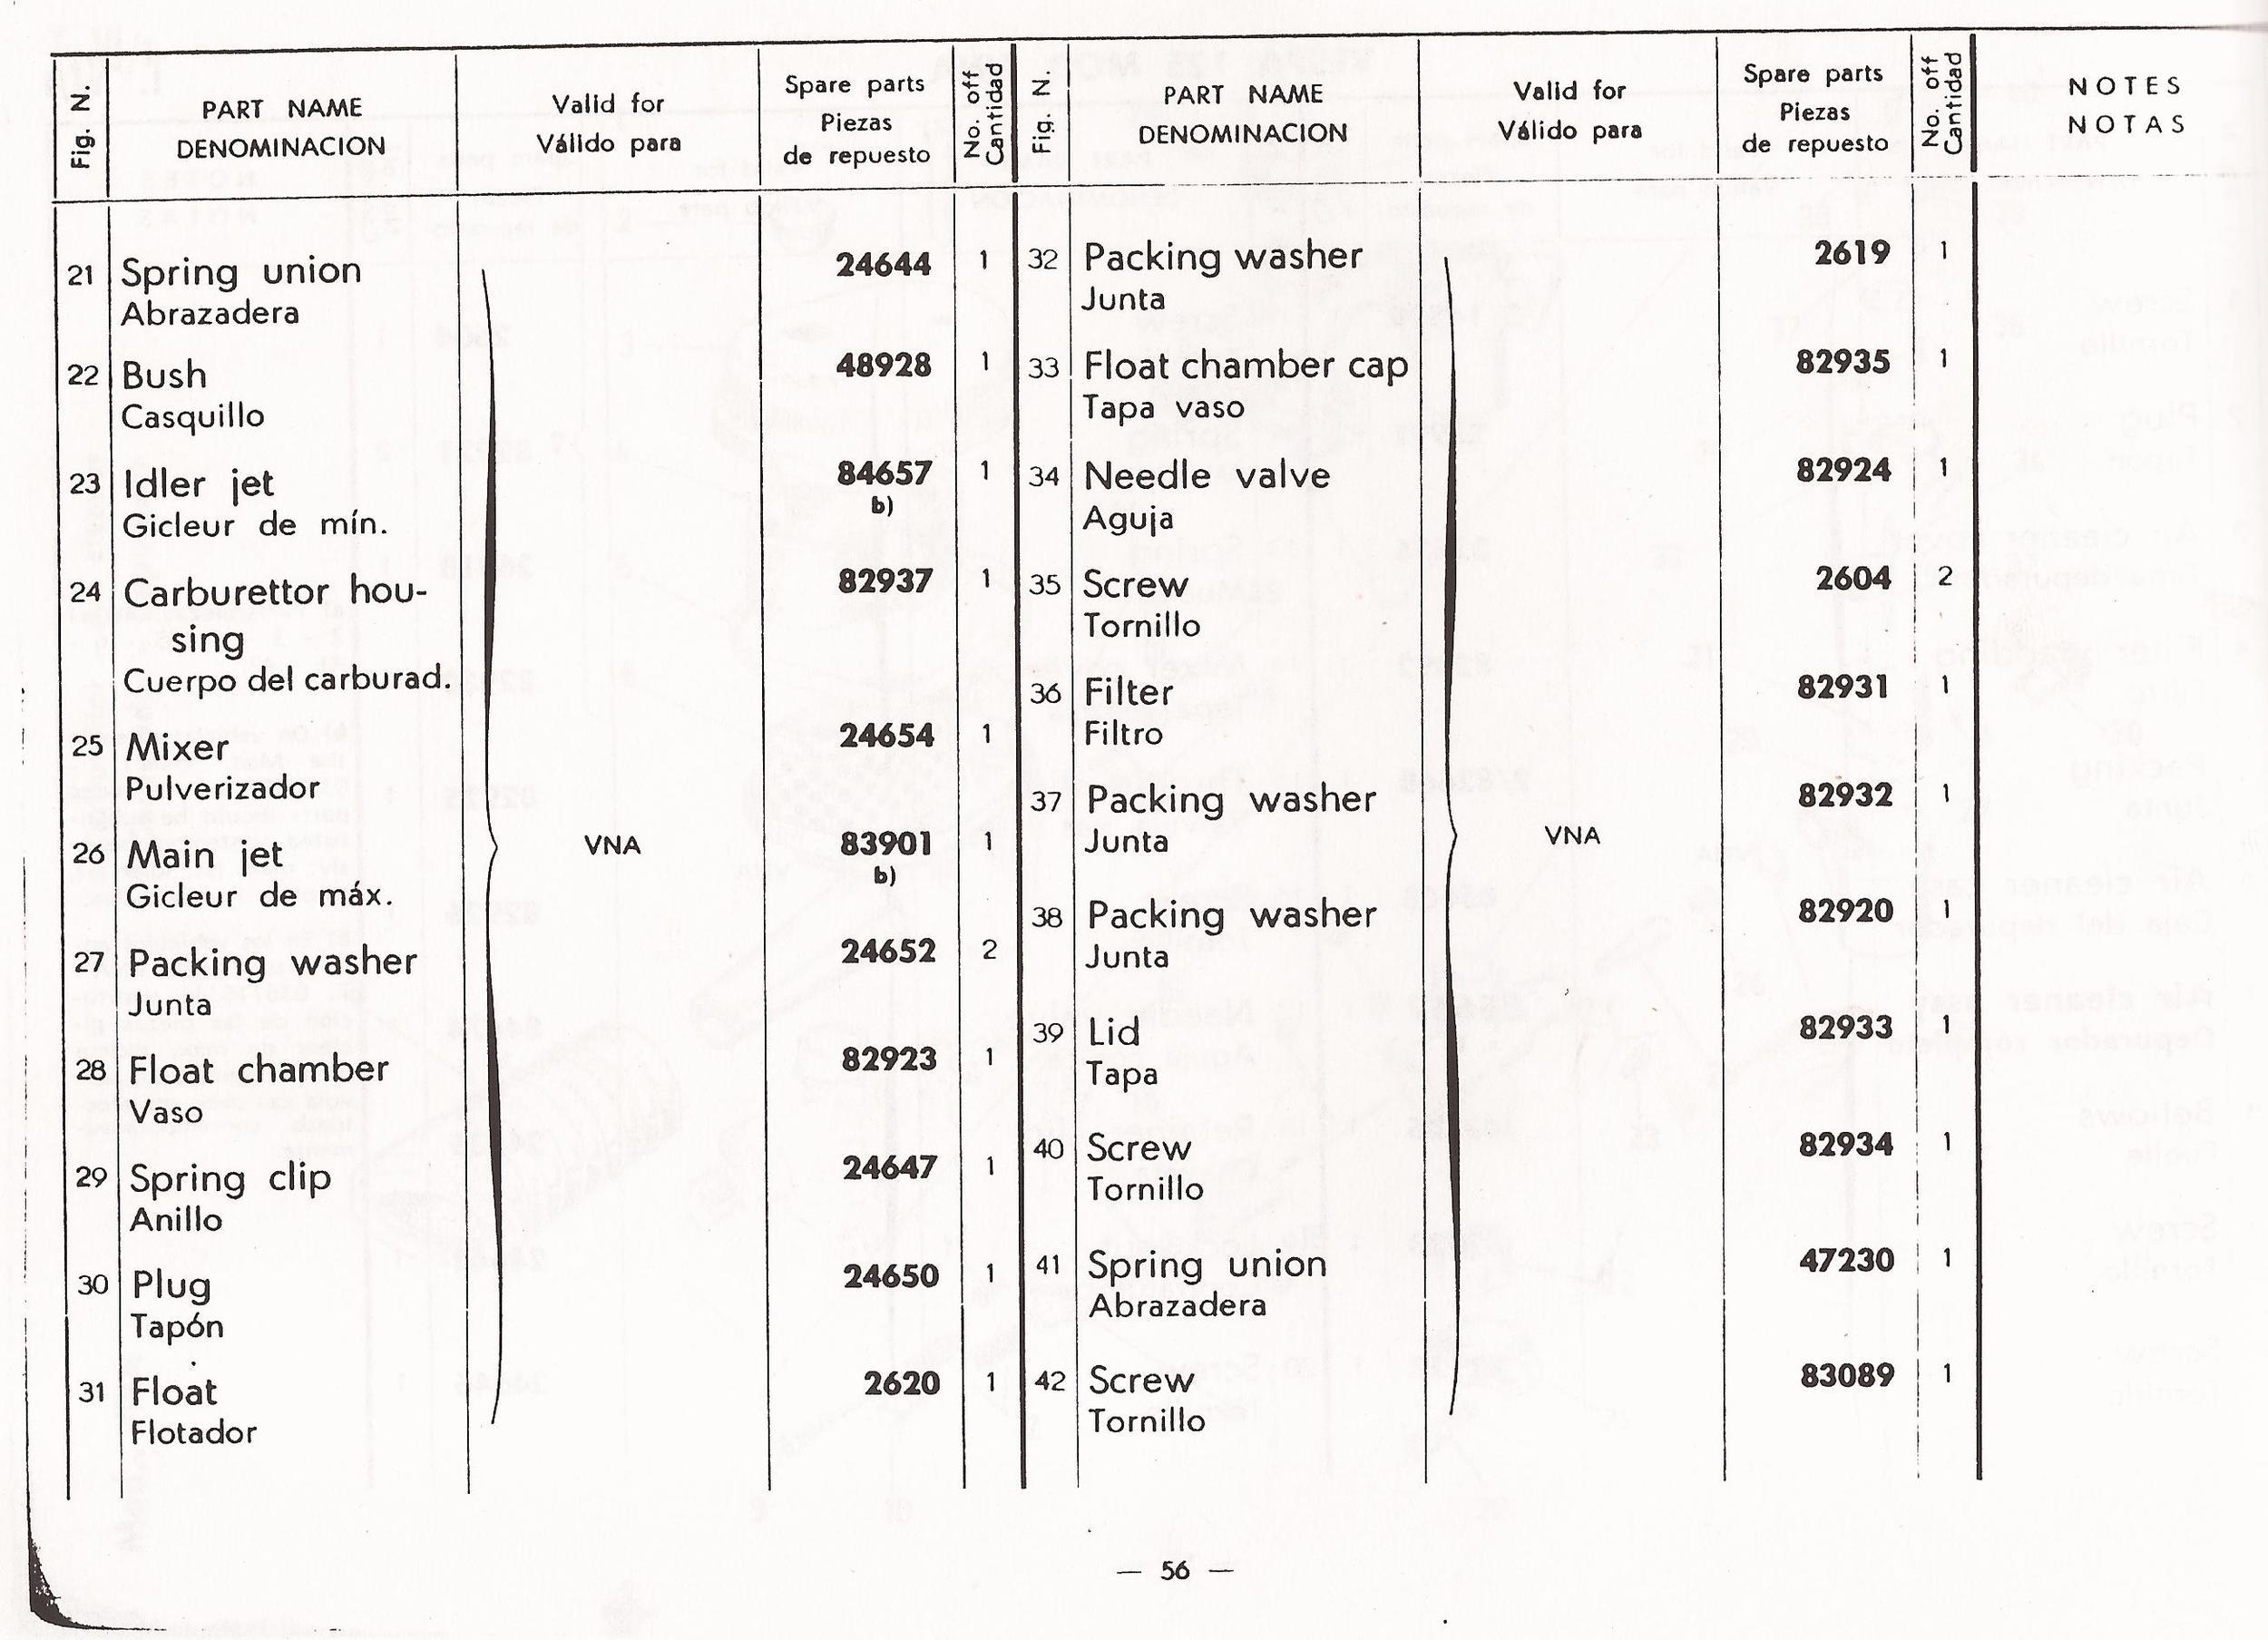 07-16-2013 vespa 125 catalog manuel 61.jpg